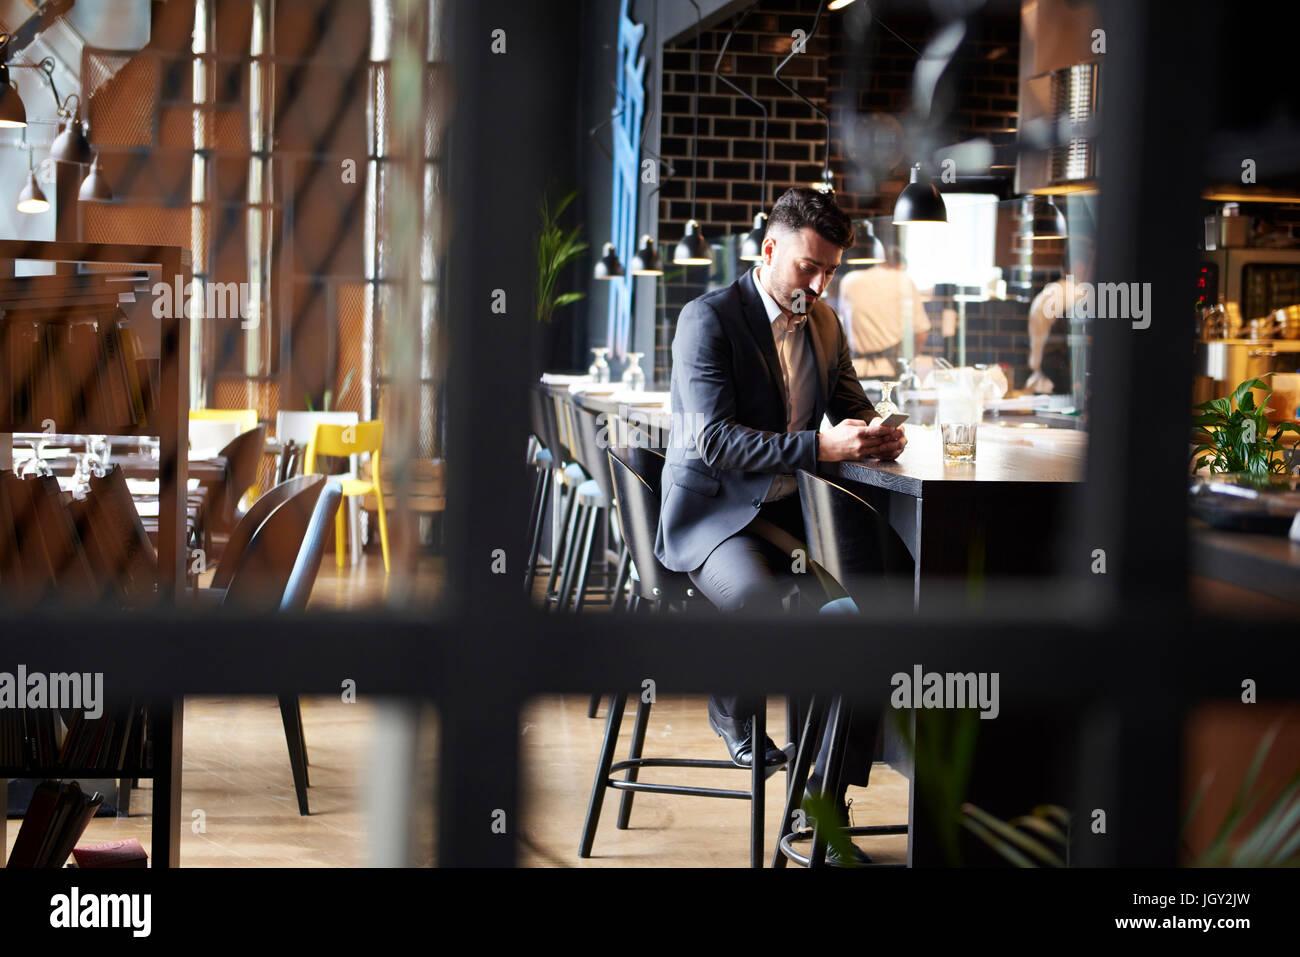 Uomo deluso guardando smartphone durante l udienza presso il bar Immagini Stock